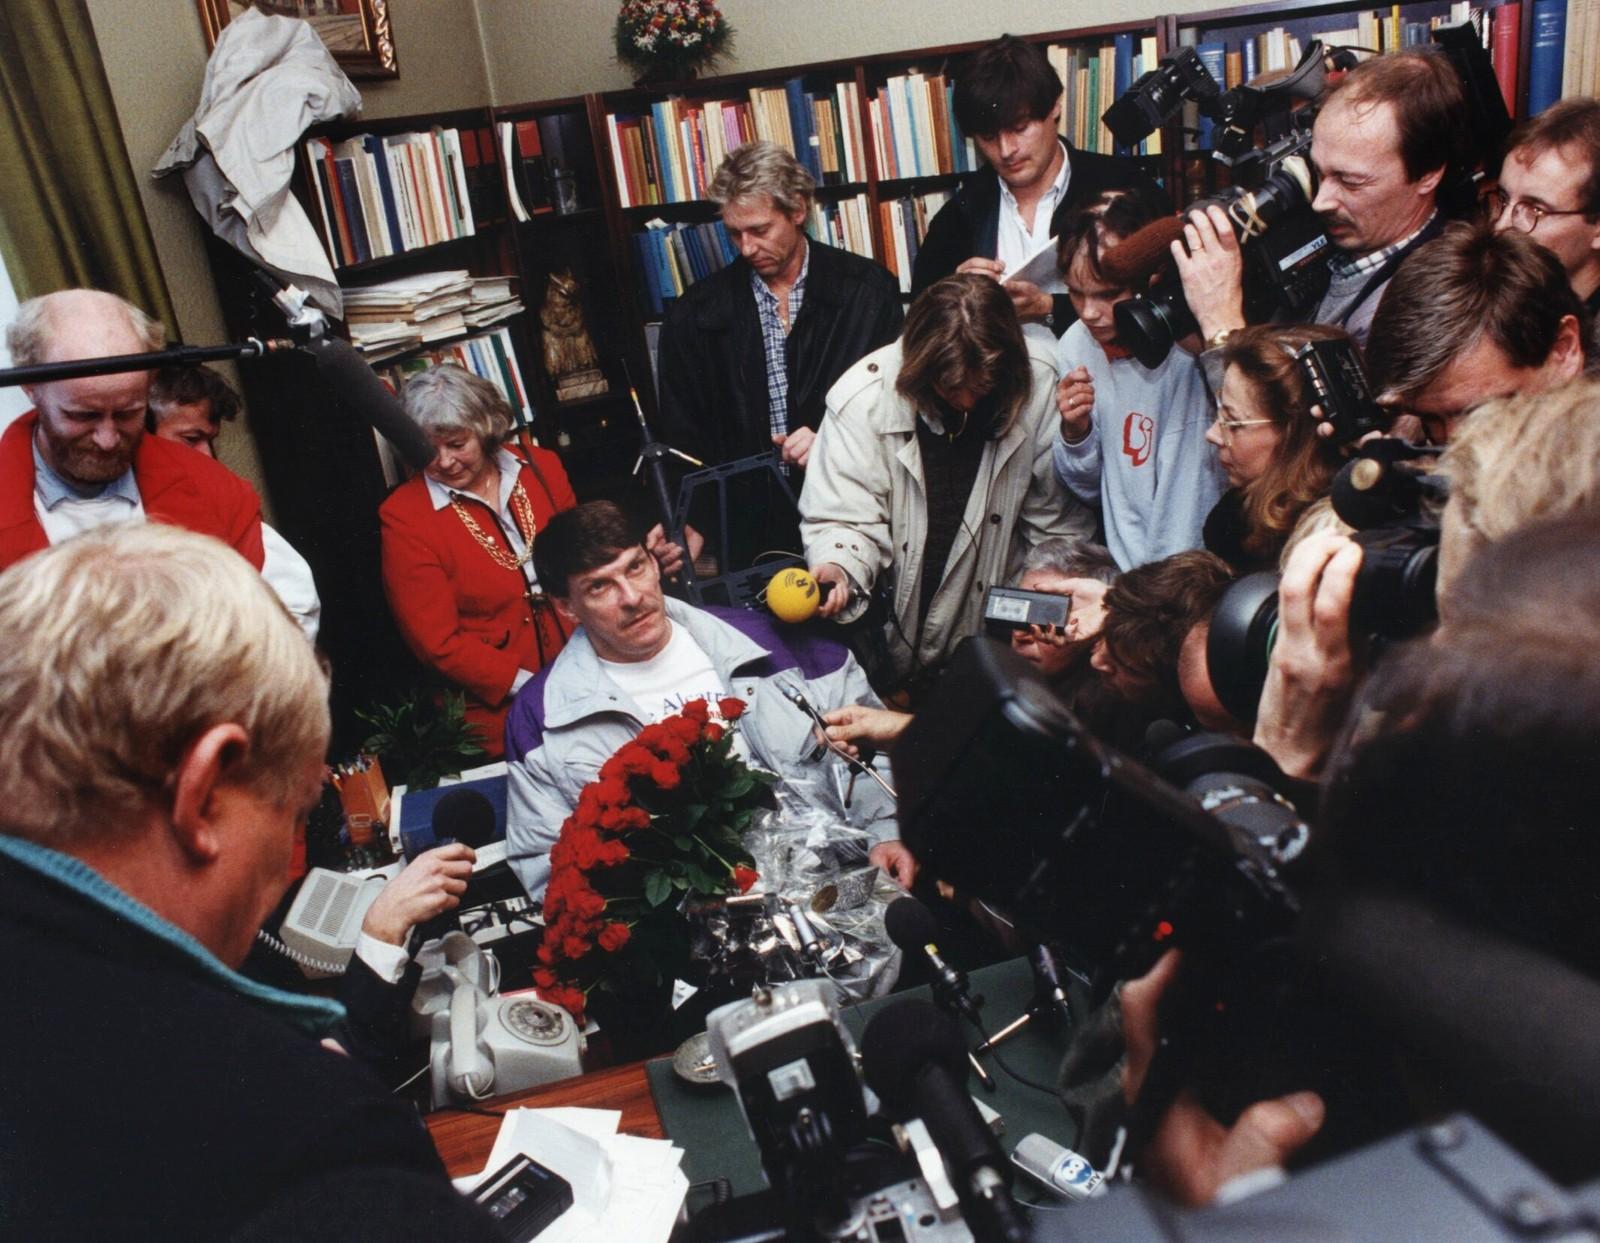 Den mordtiltalte Christer Pettersson på pressekonferansen etter frikjennelsesdommen.